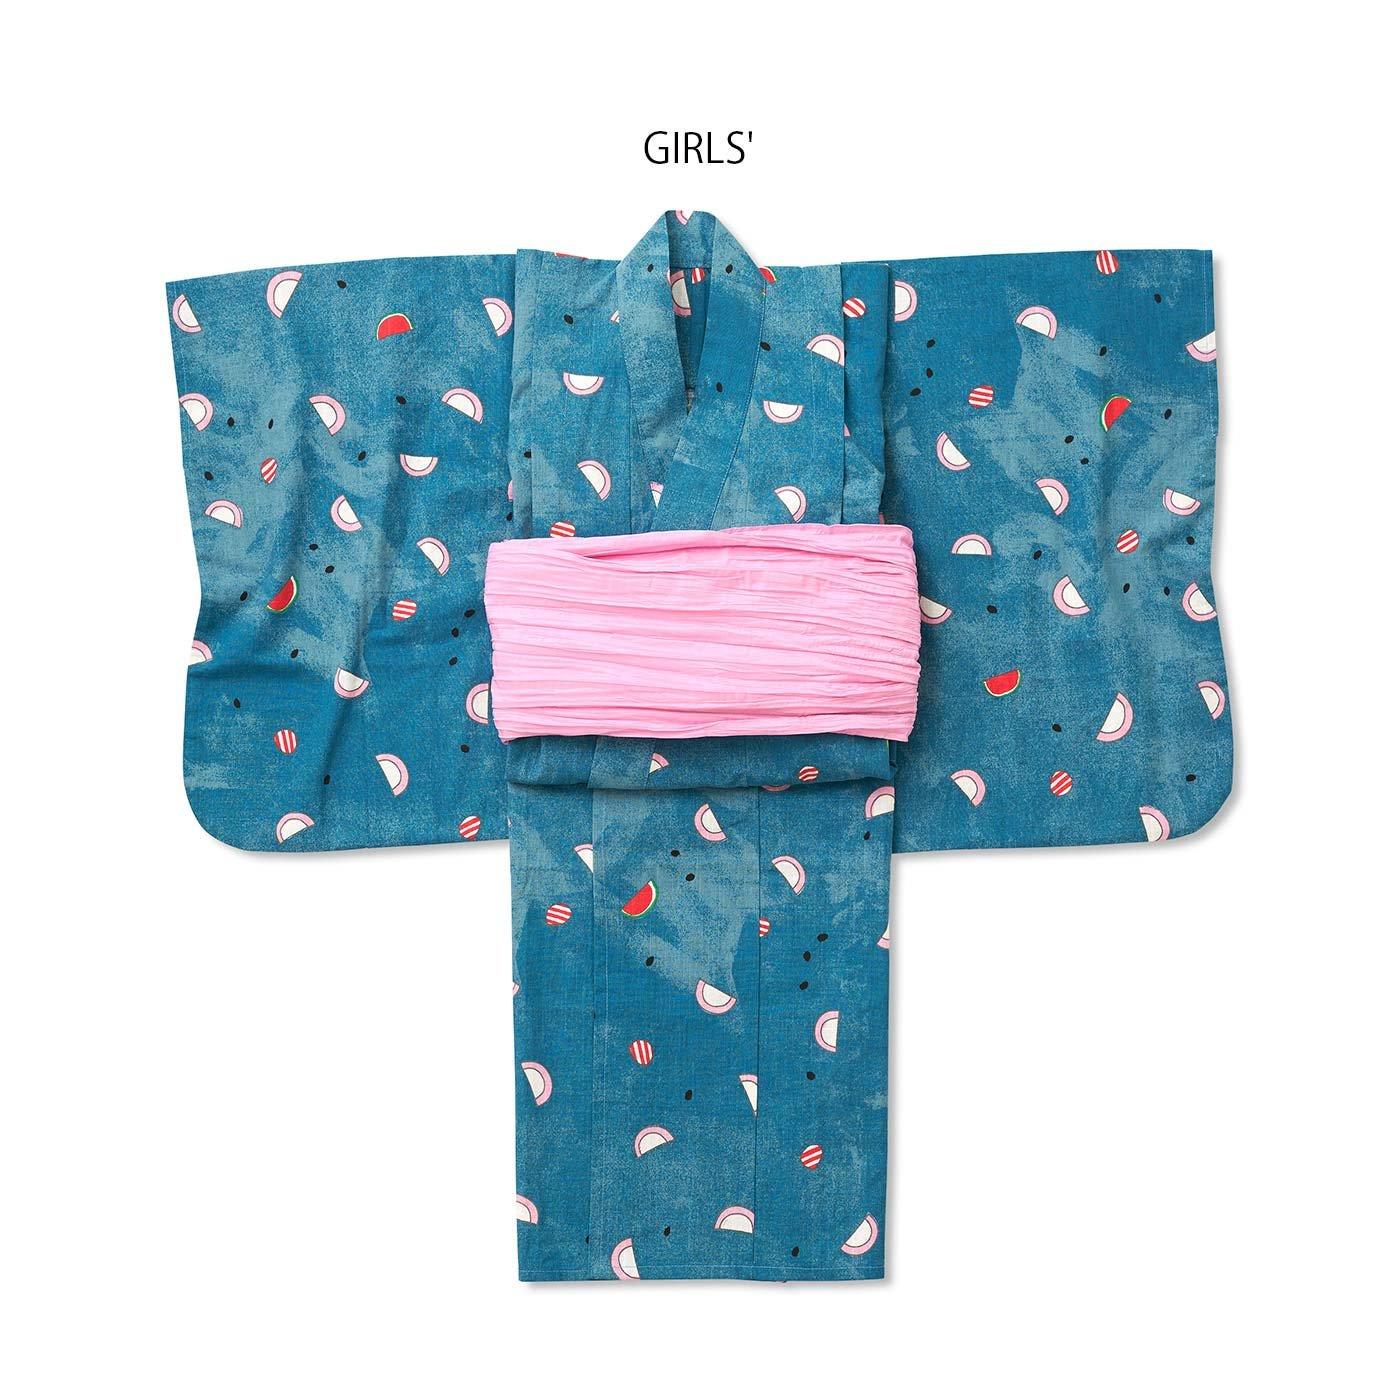 京都Subikiawa食器店さんとつくった かまぼこ柄の浴衣(ゆかた)